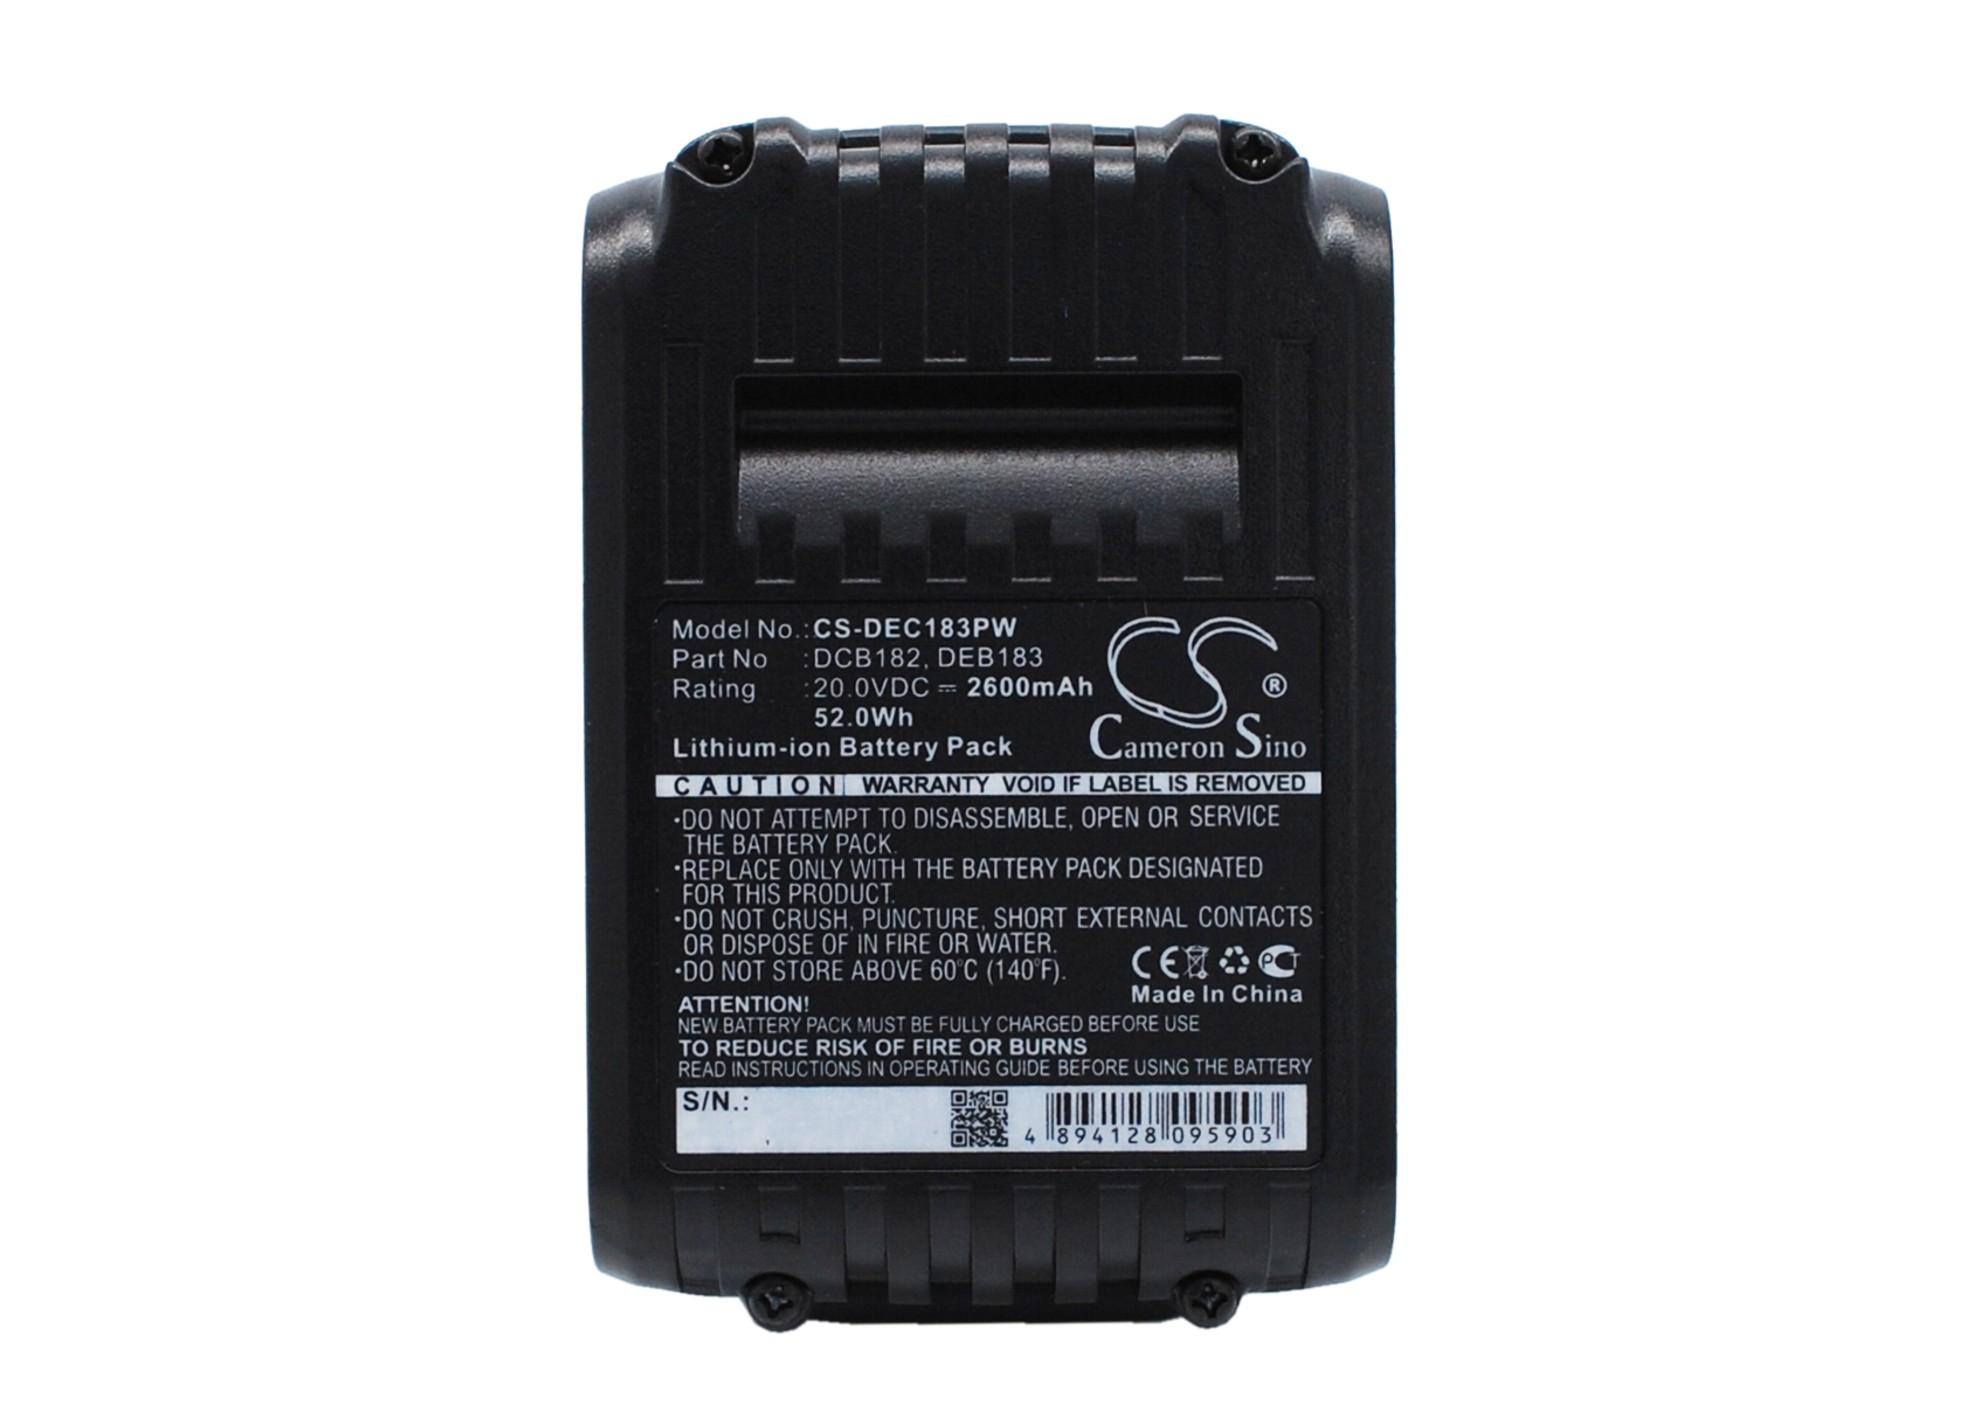 Cameron Sino baterie do nářadí pro DEWALT DCF883B 20V Li-ion 2600mAh černá - neoriginální